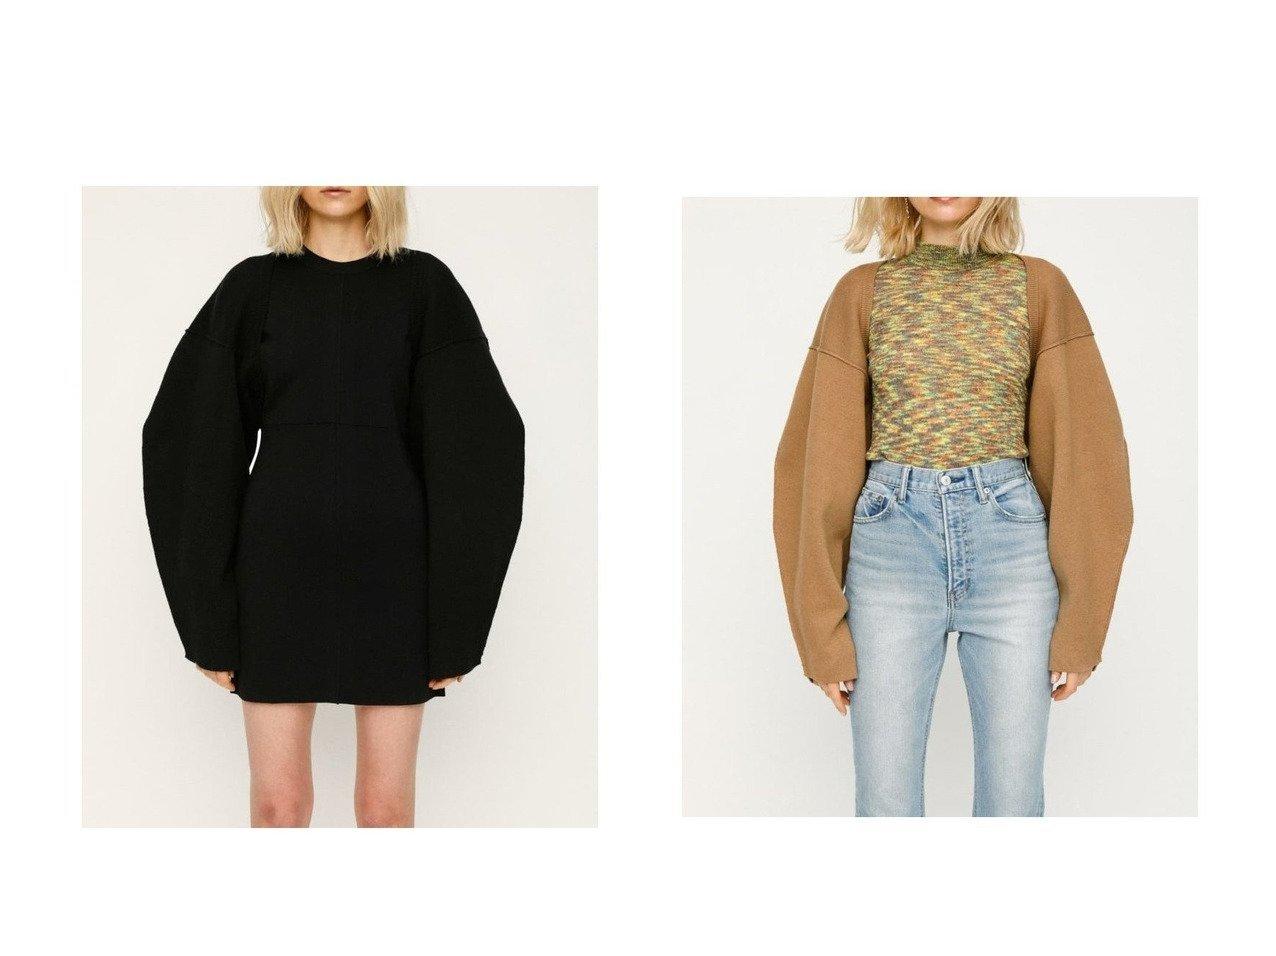 【SLY/スライ】のCROP MG カーディガン トップス・カットソーのおすすめ!人気、トレンド・レディースファッションの通販  おすすめで人気の流行・トレンド、ファッションの通販商品 メンズファッション・キッズファッション・インテリア・家具・レディースファッション・服の通販 founy(ファニー) https://founy.com/ ファッション Fashion レディースファッション WOMEN トップス カットソー Tops Tshirt ニット Knit Tops カーディガン Cardigans NEW・新作・新着・新入荷 New Arrivals カットソー カーディガン シンプル  ID:crp329100000024238